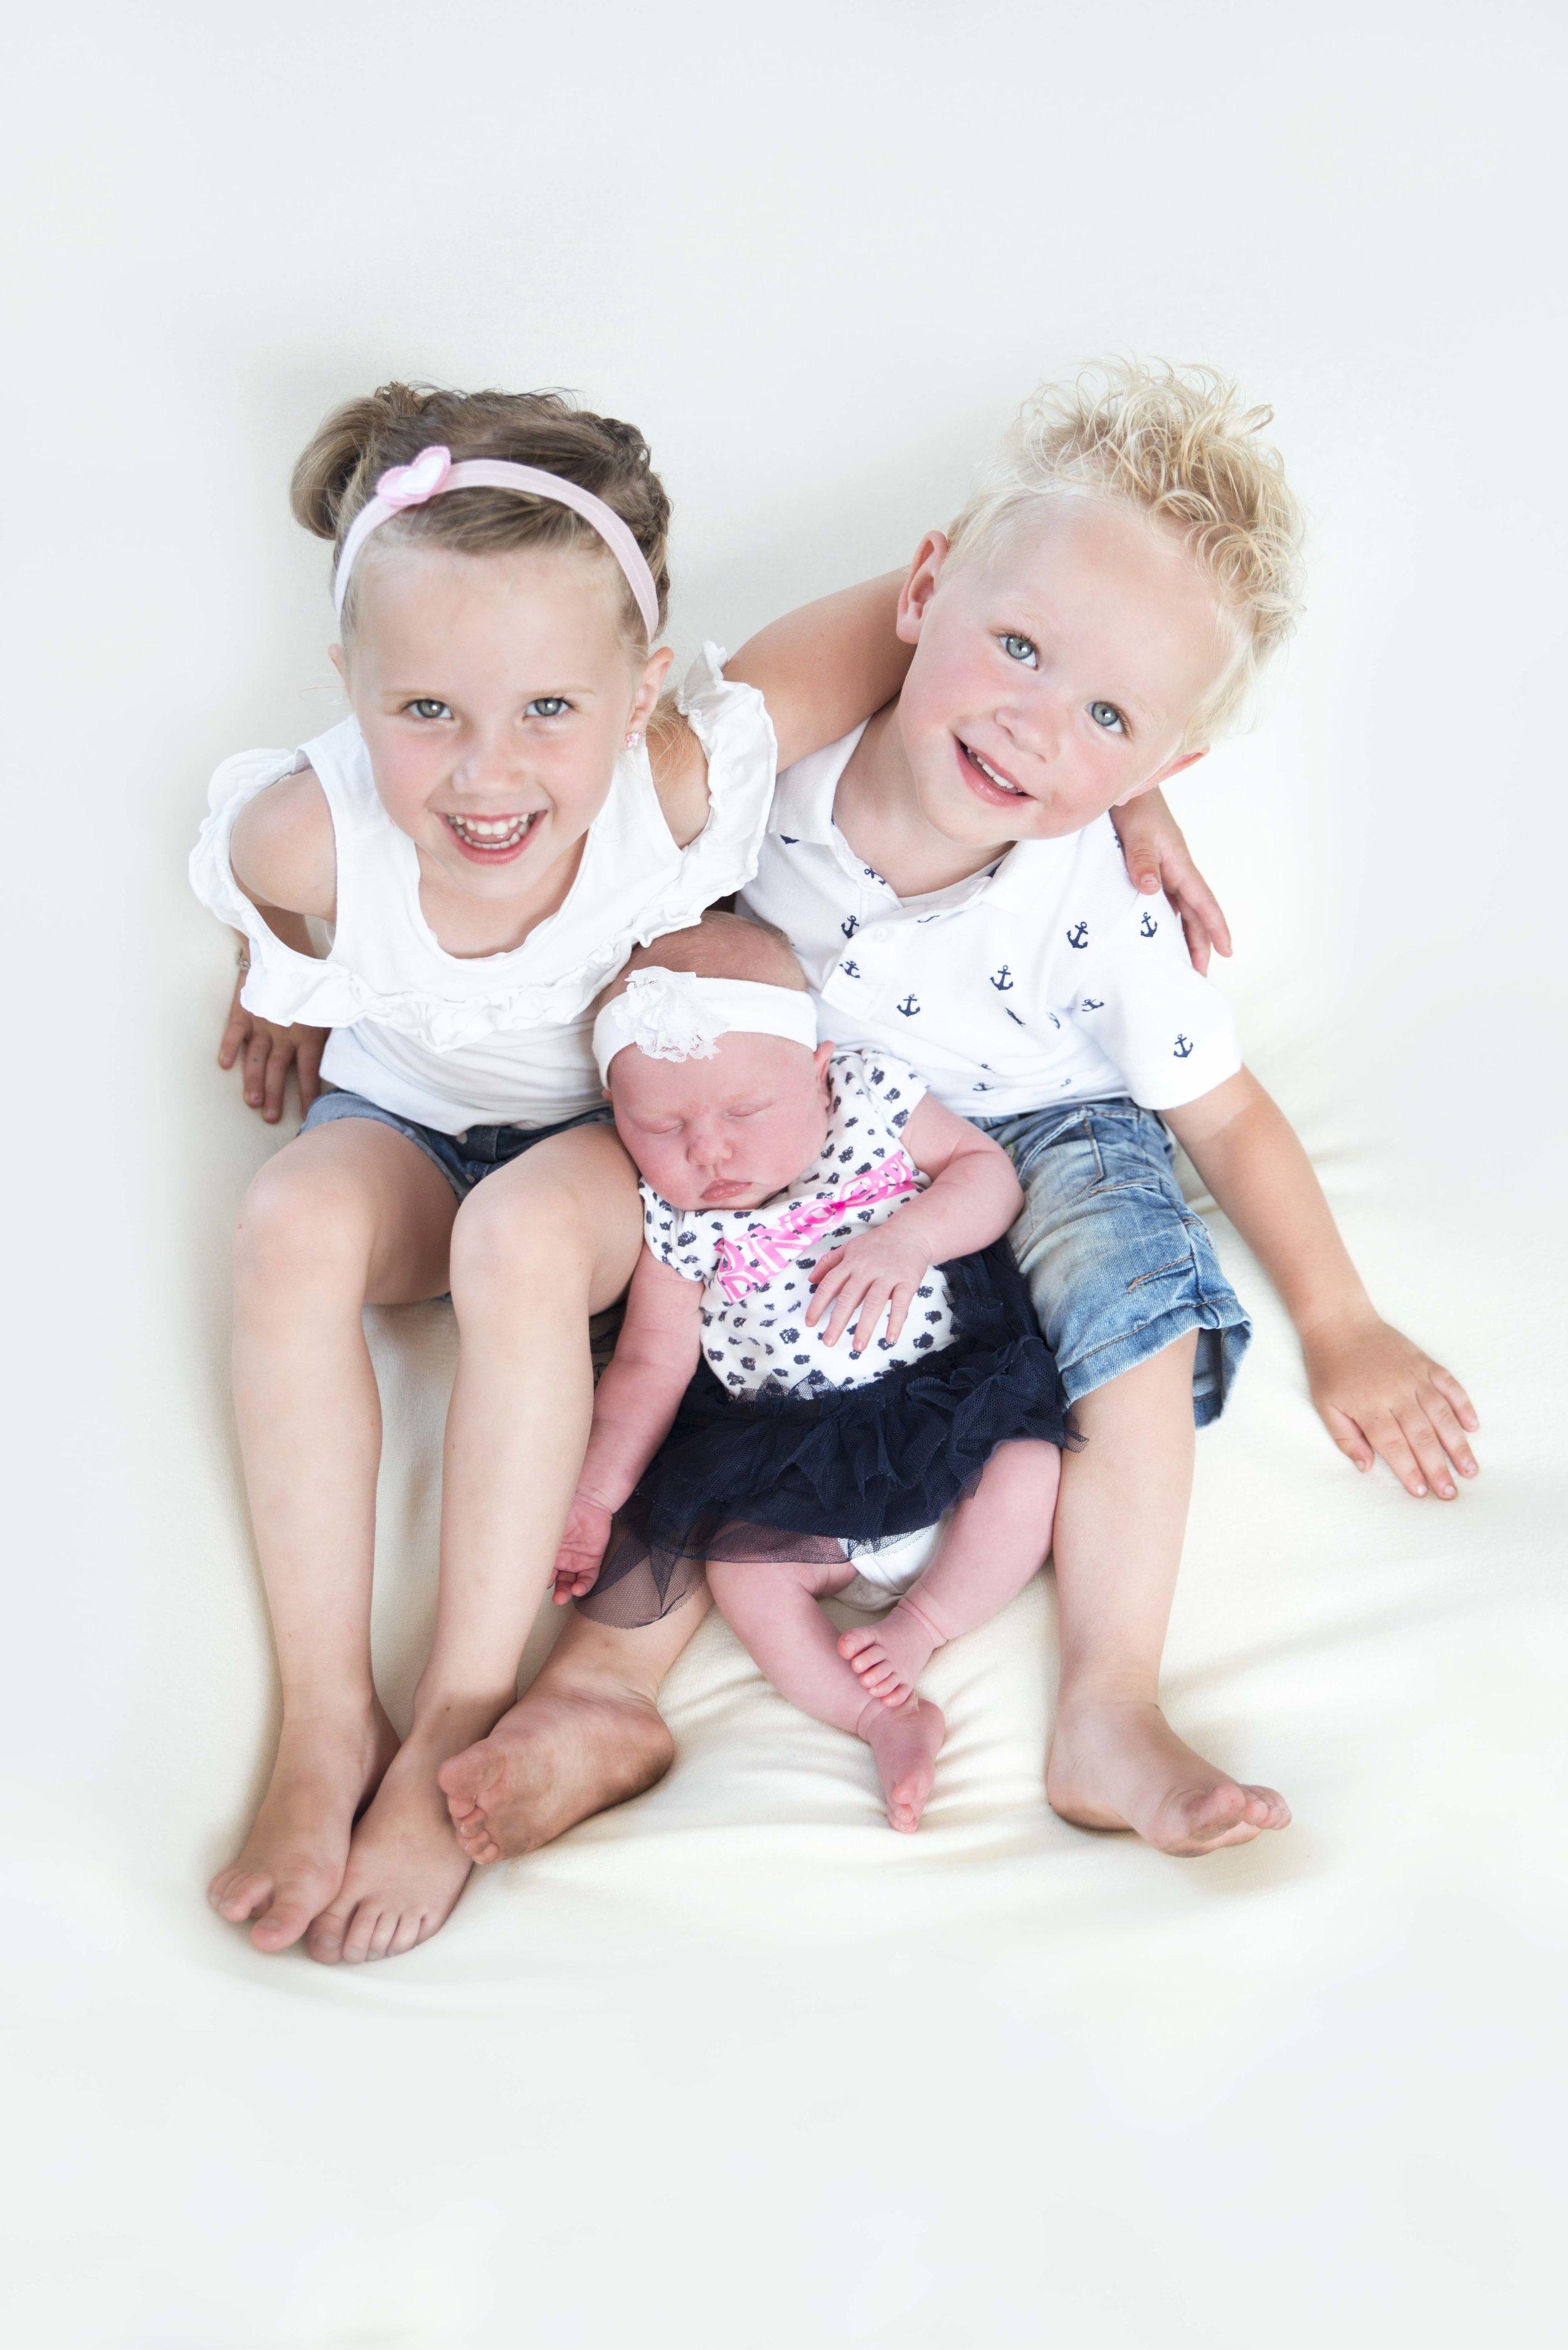 newborn foto's met broer en zus | babyfoto met gezin | babyfoto met oudere broers en zussen